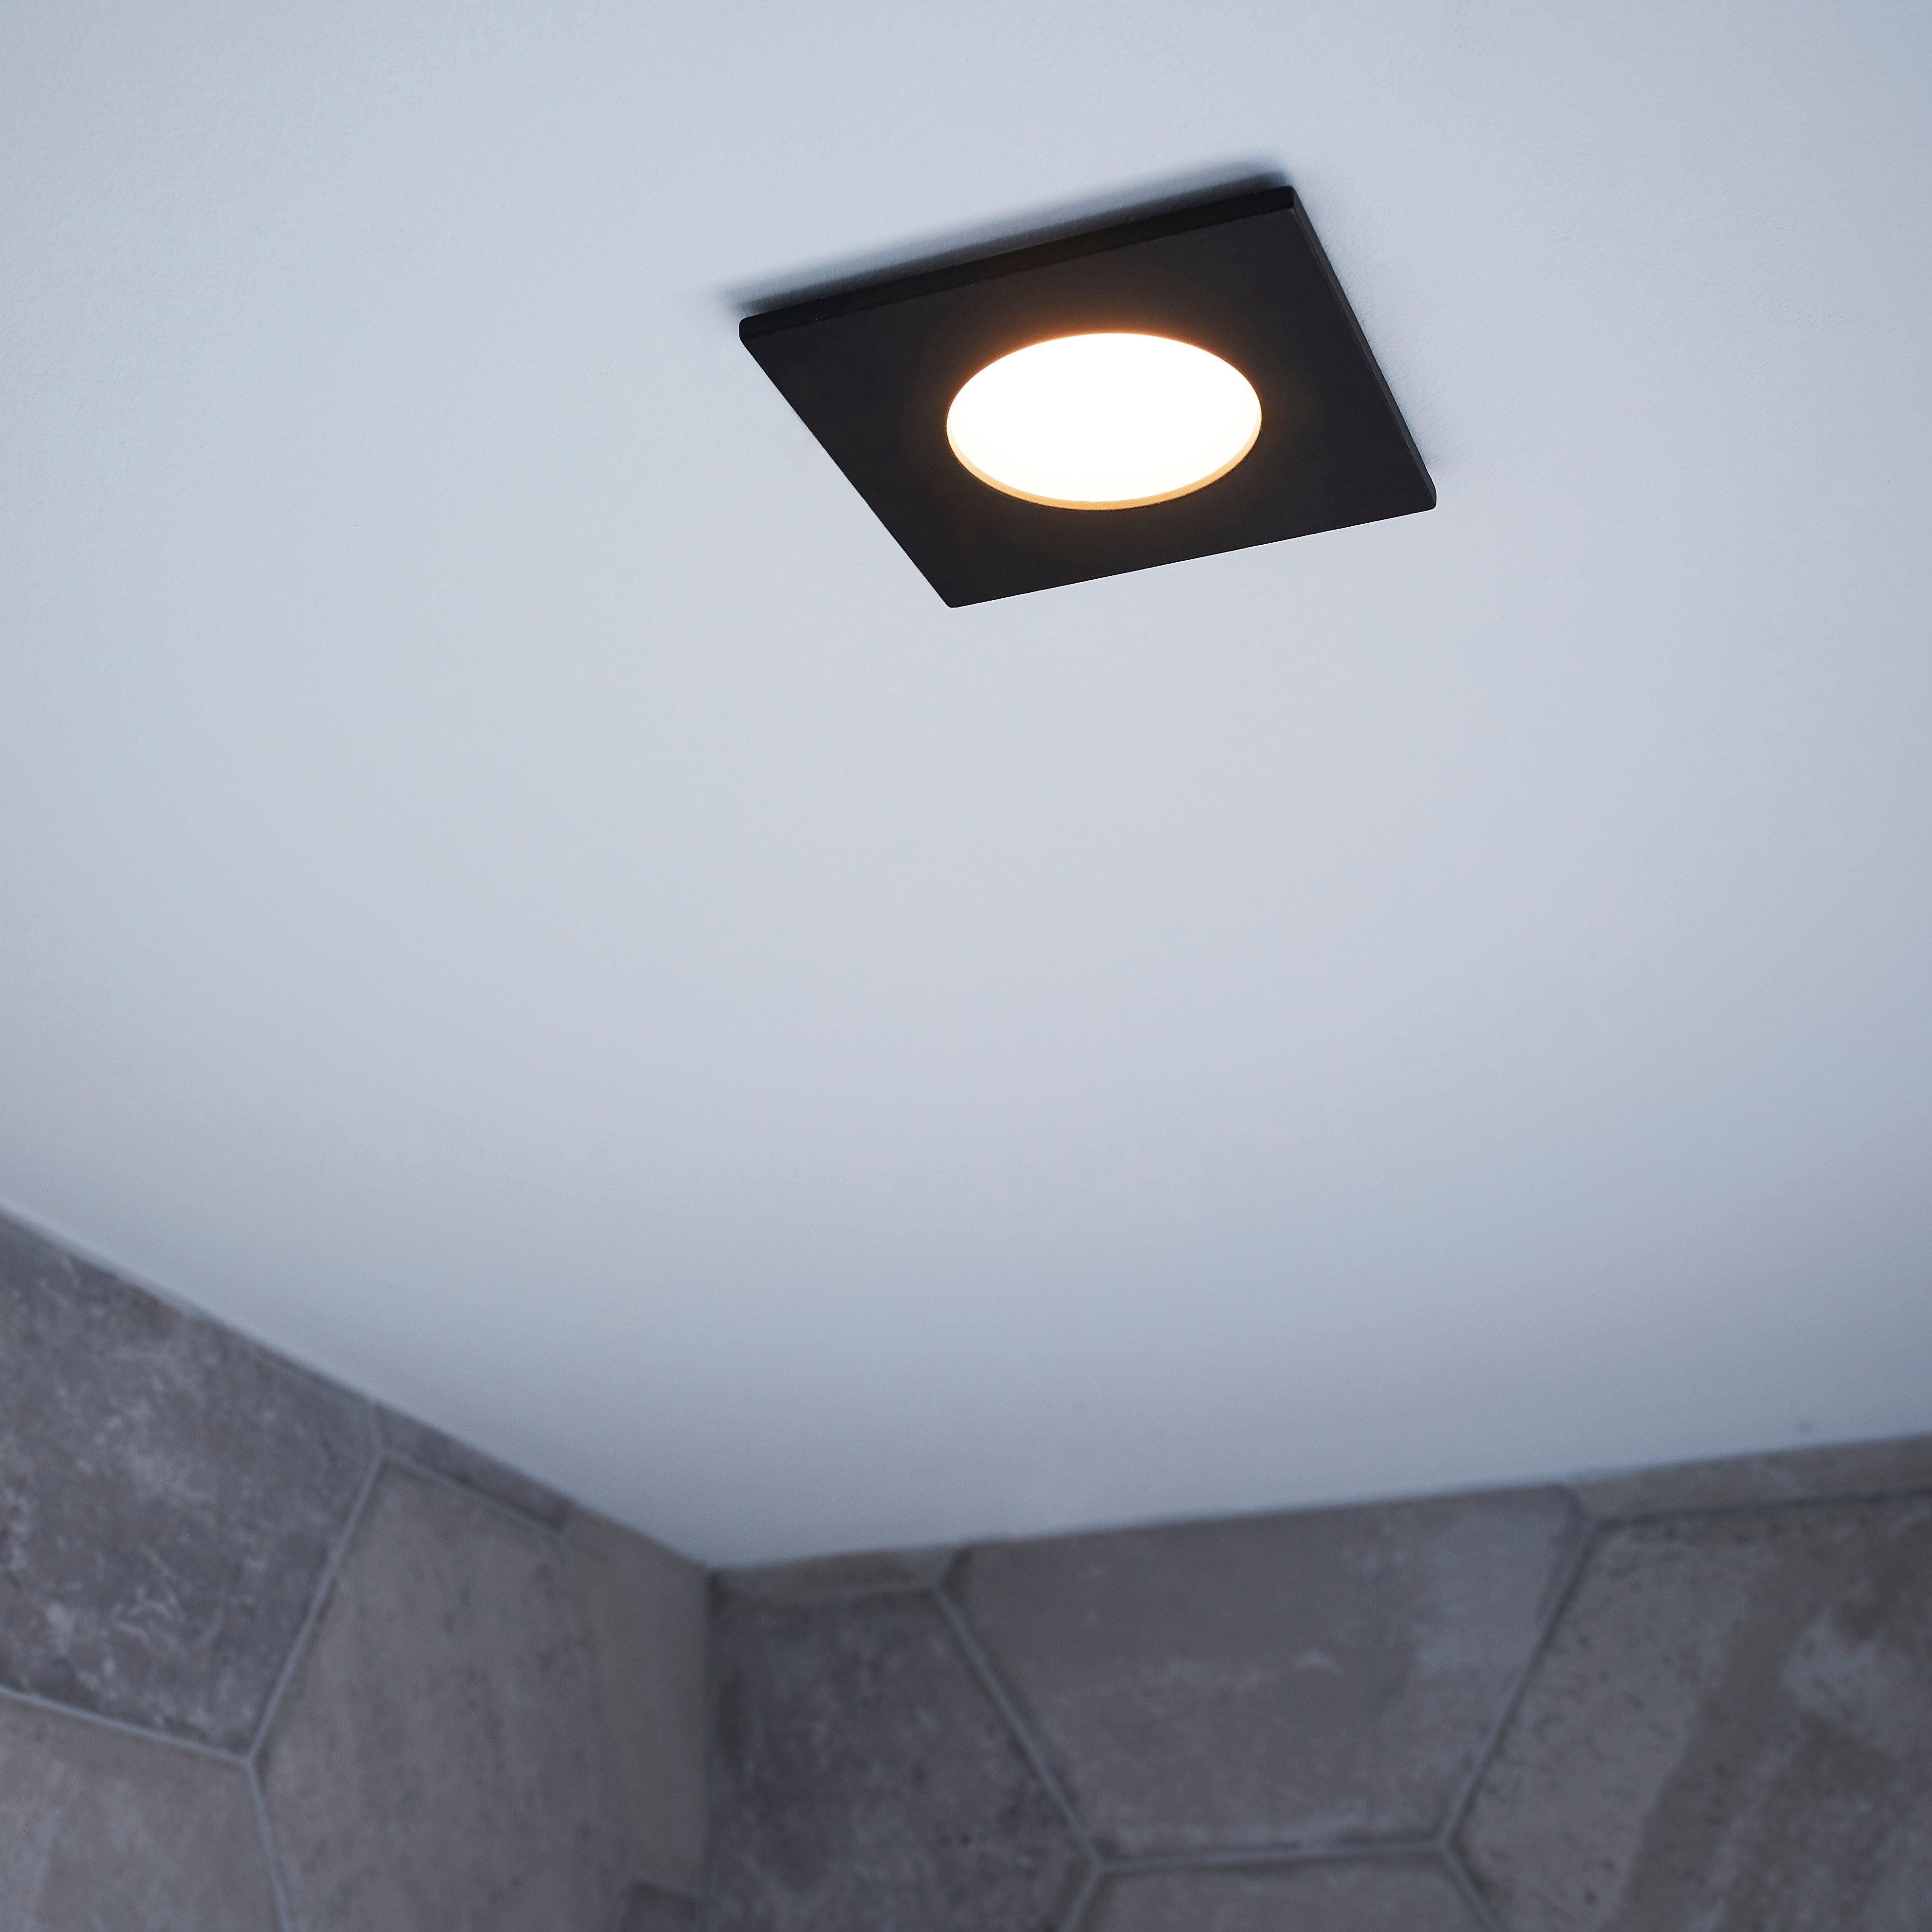 Kit 1 Spot A Encastrer Salle De Bains Lucik Led 4000k Inspire Carre Noir Leroy Merlin